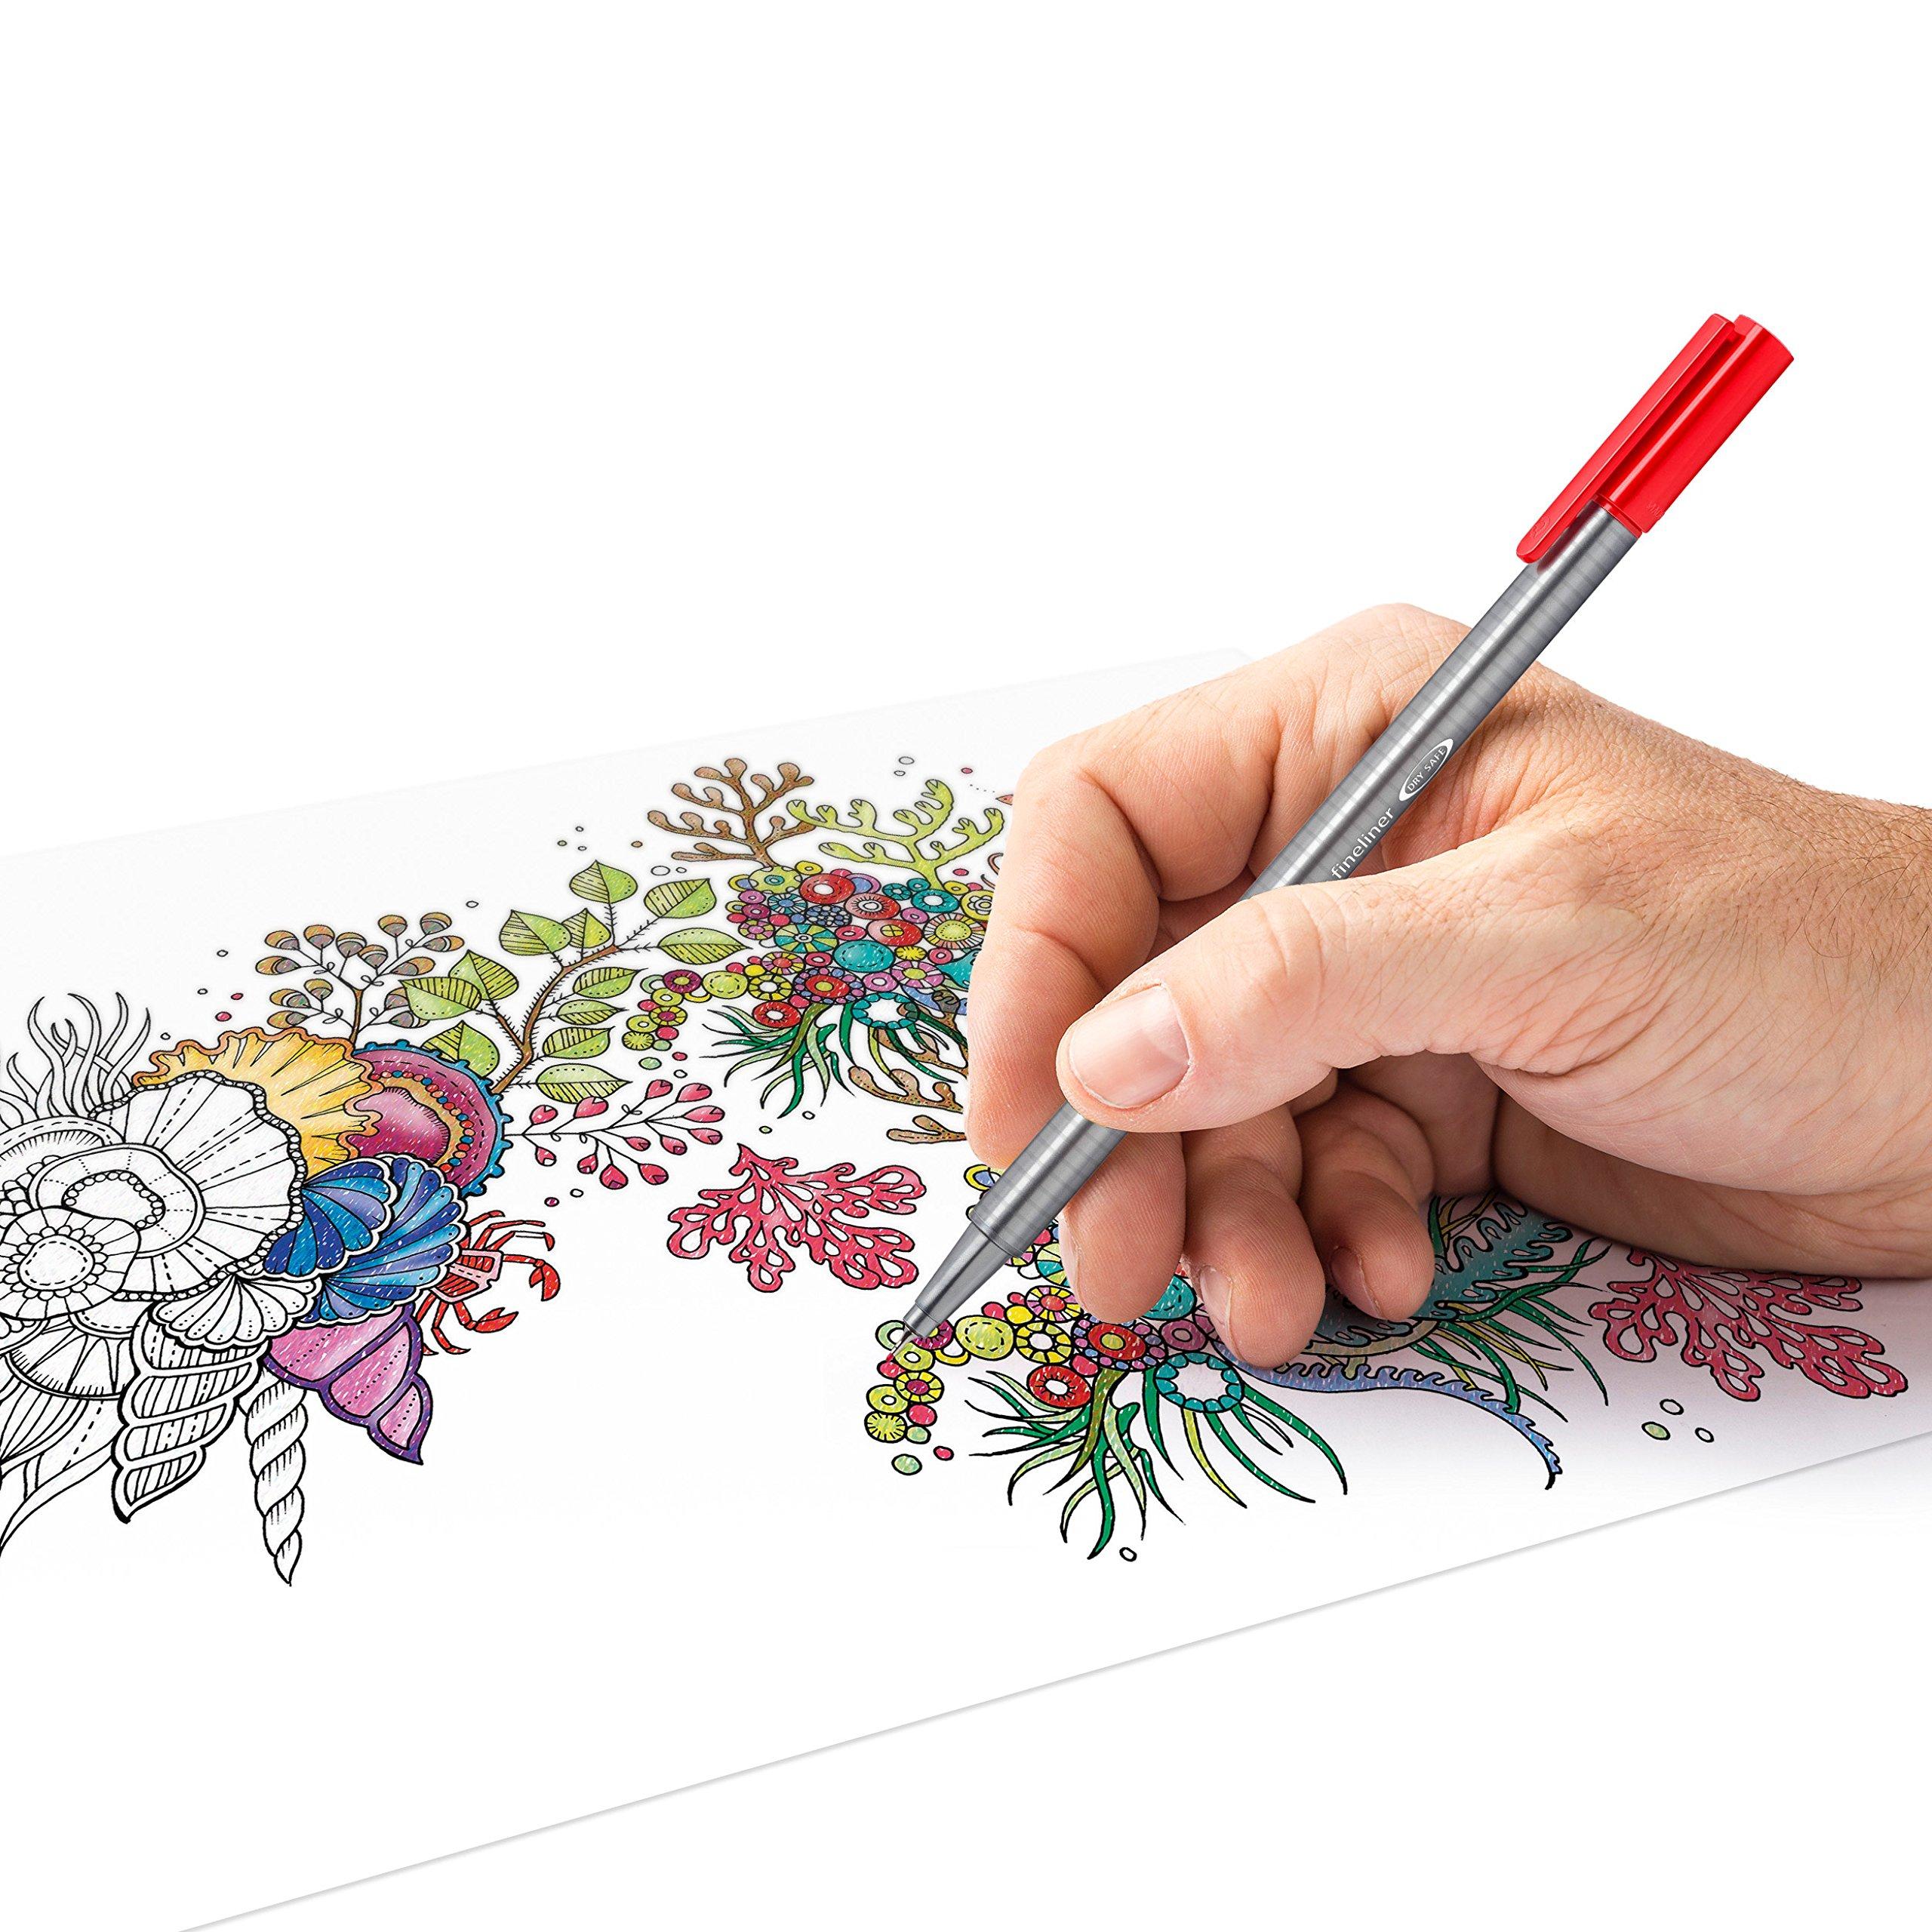 Staedtler Color Pen Set, 334M50JB - Set of 50 Assorted Colors in metal tin box (Triplus Fineliner Pens) by Staedtler (Image #4)